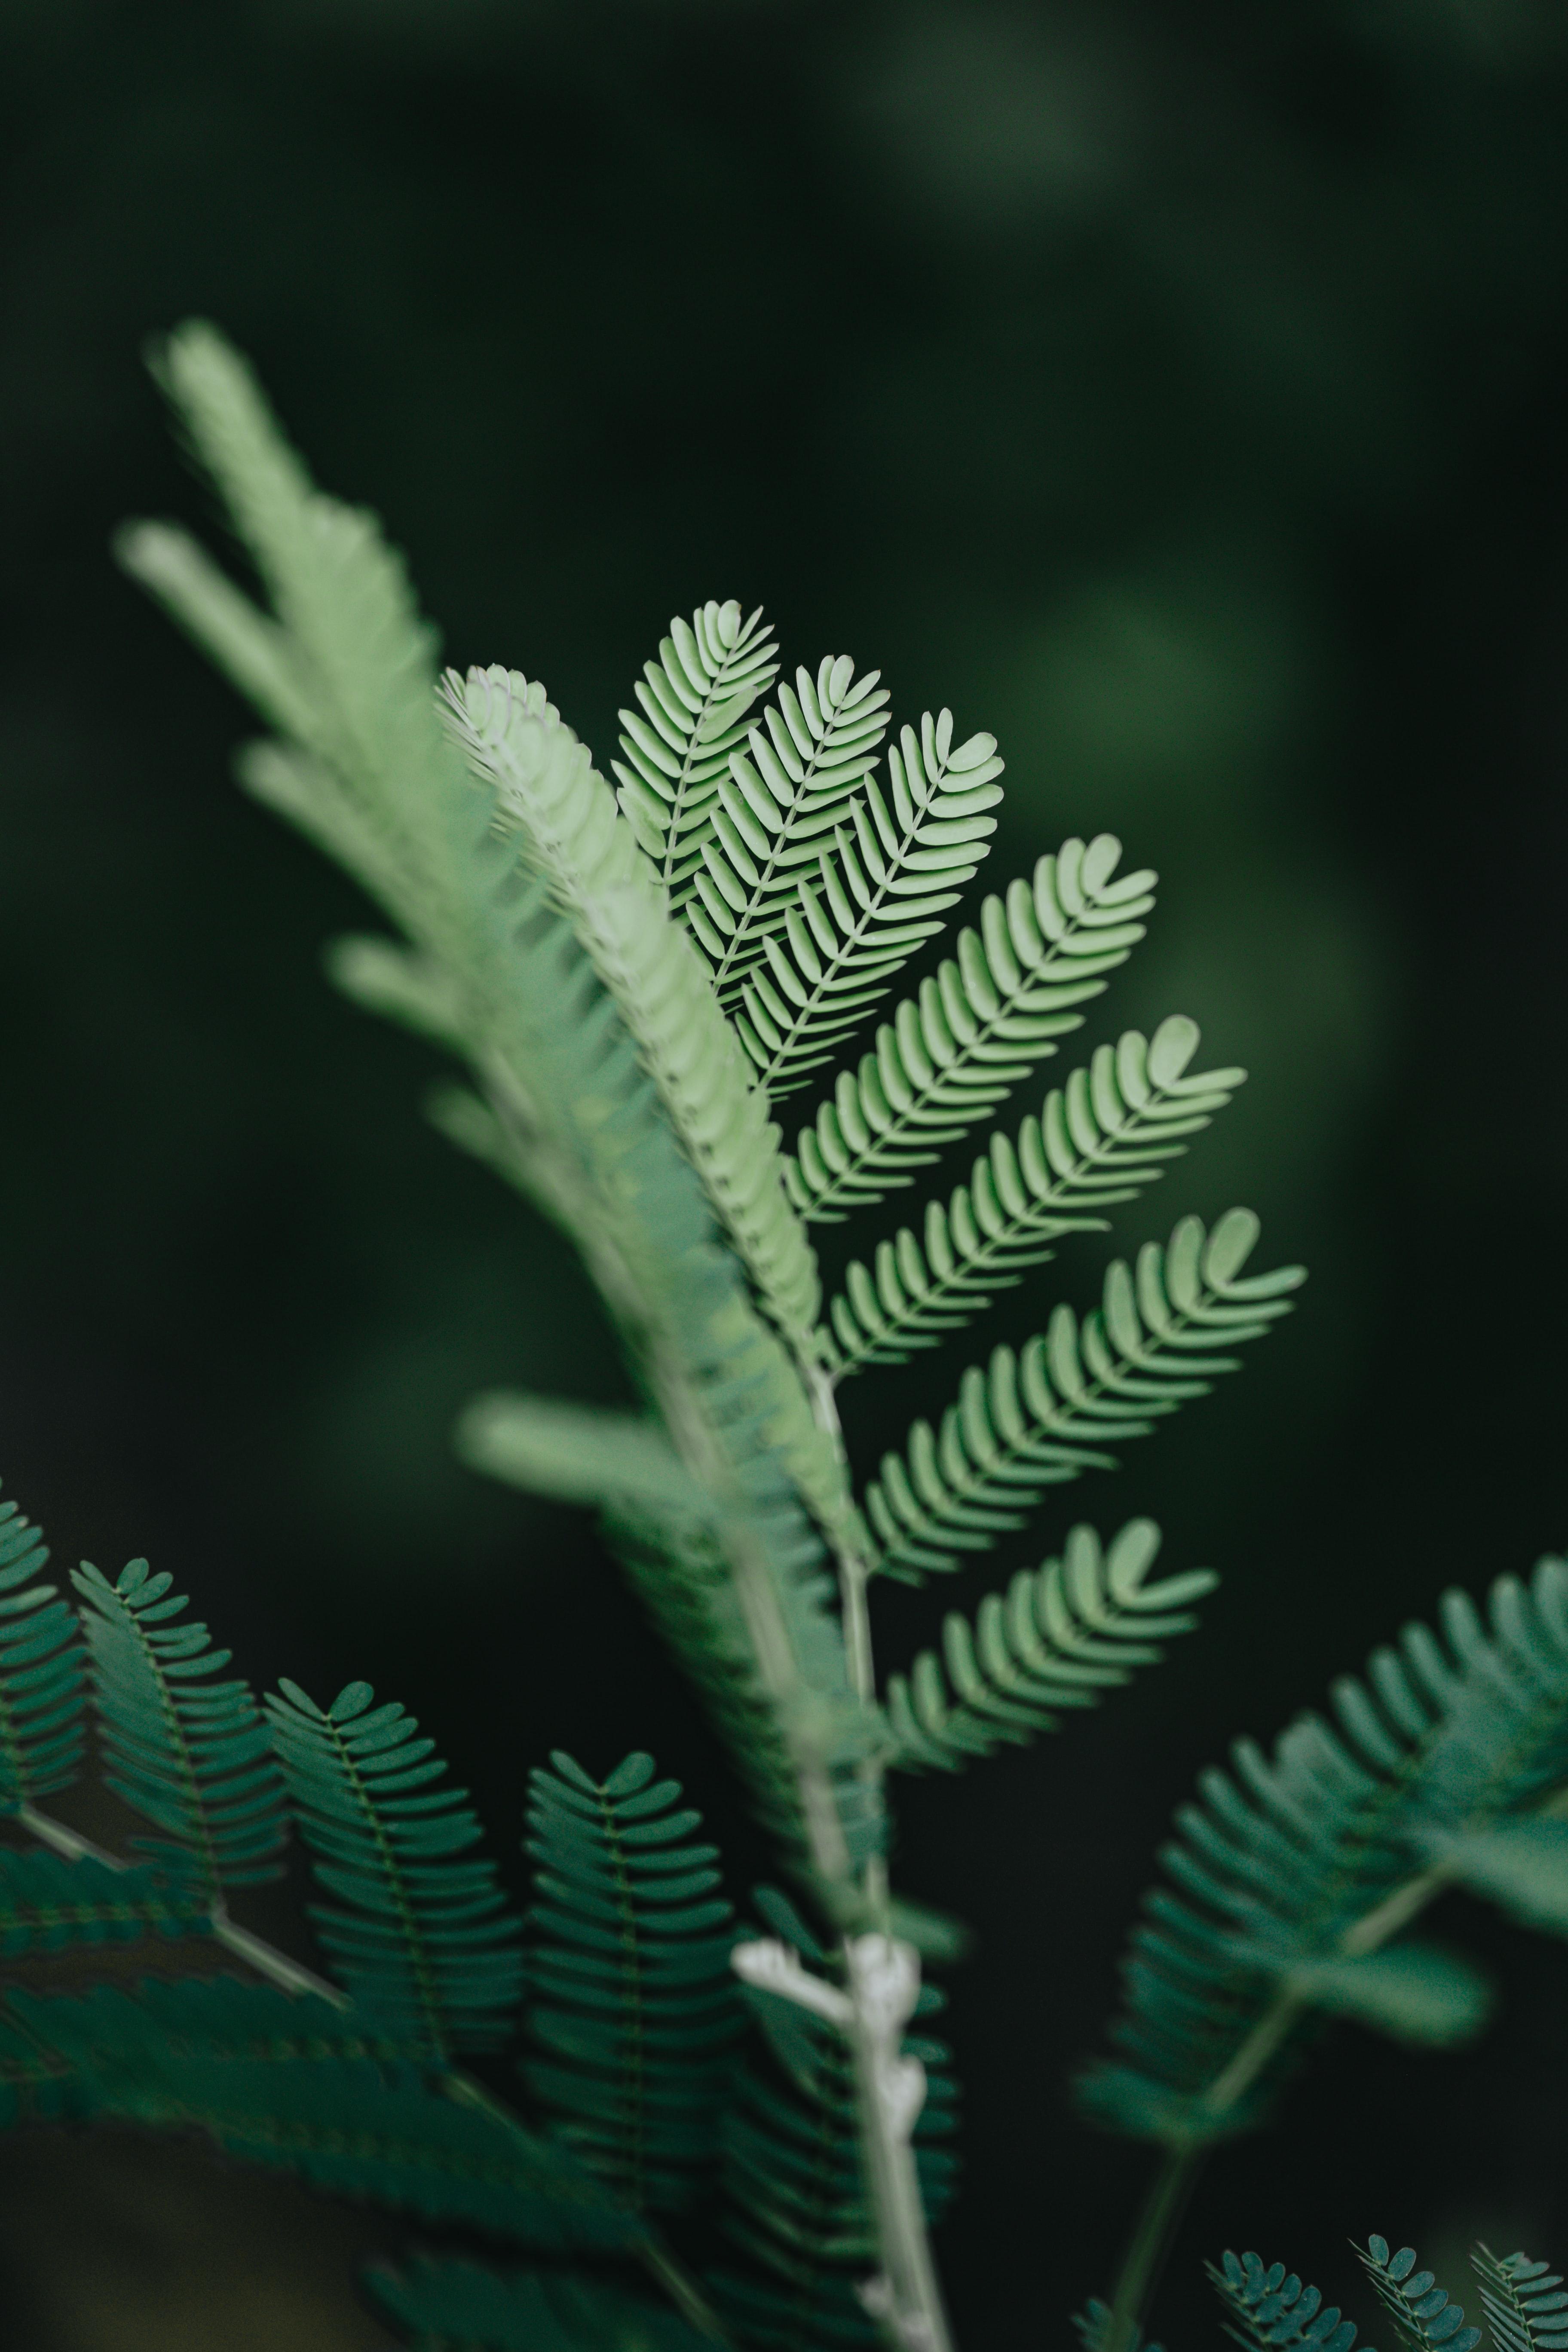 95717 скачать обои Макро, Ветка, Листья, Растение, Зеленый - заставки и картинки бесплатно